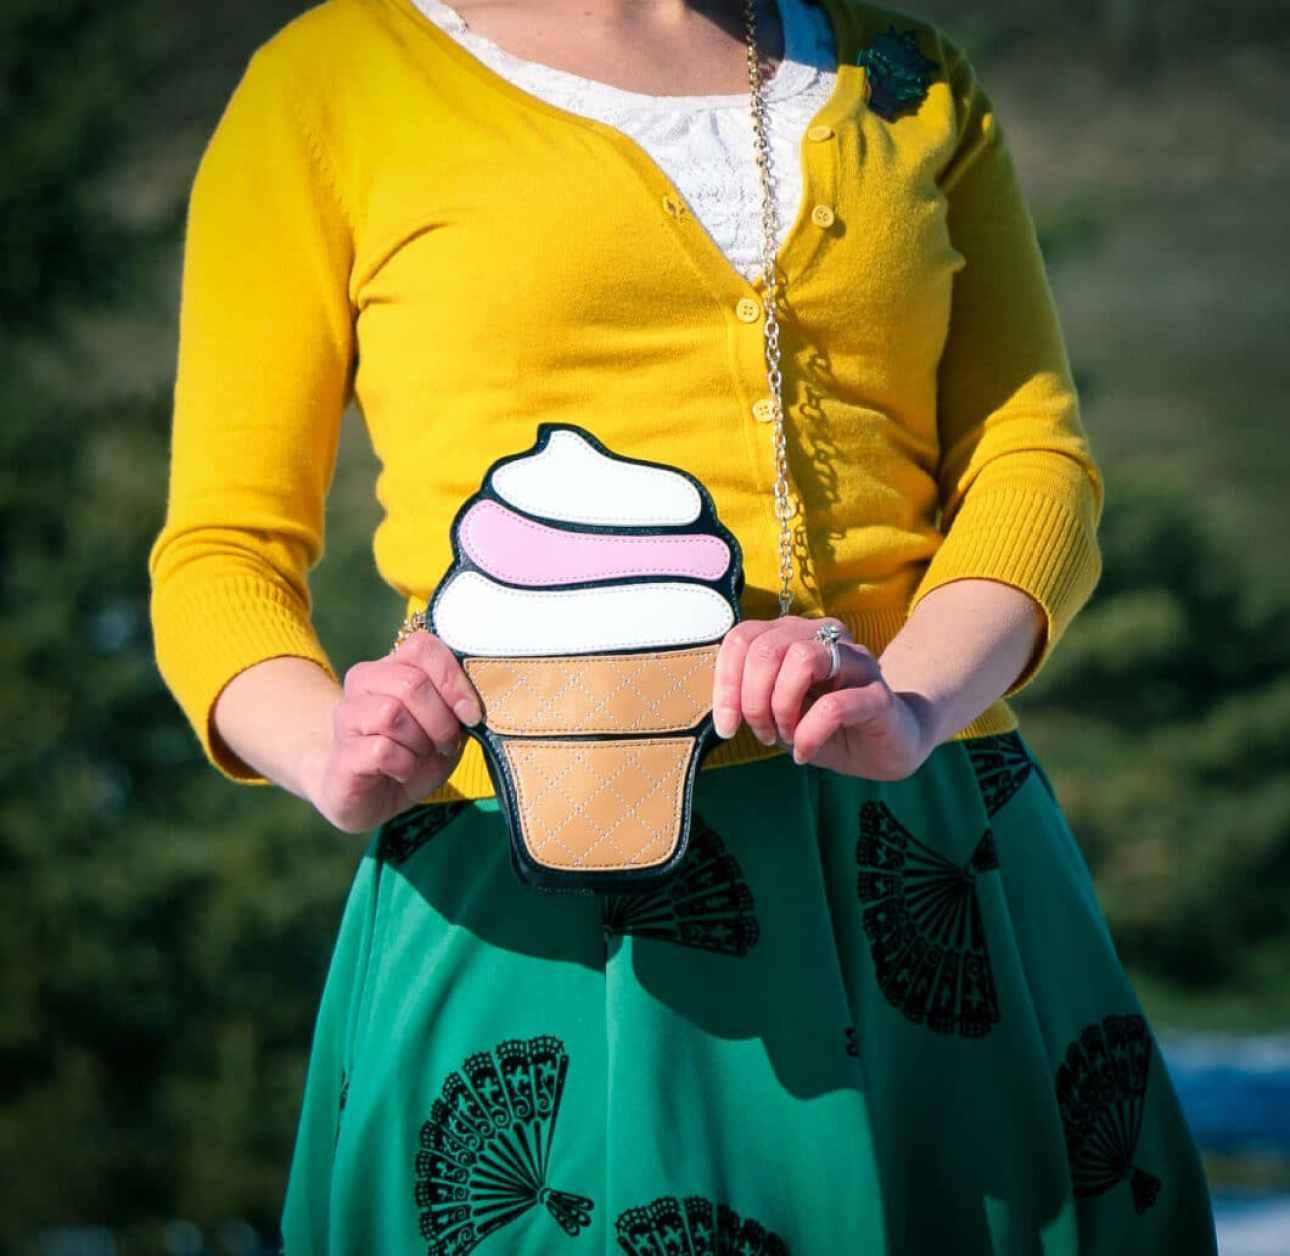 Icecream cone purse